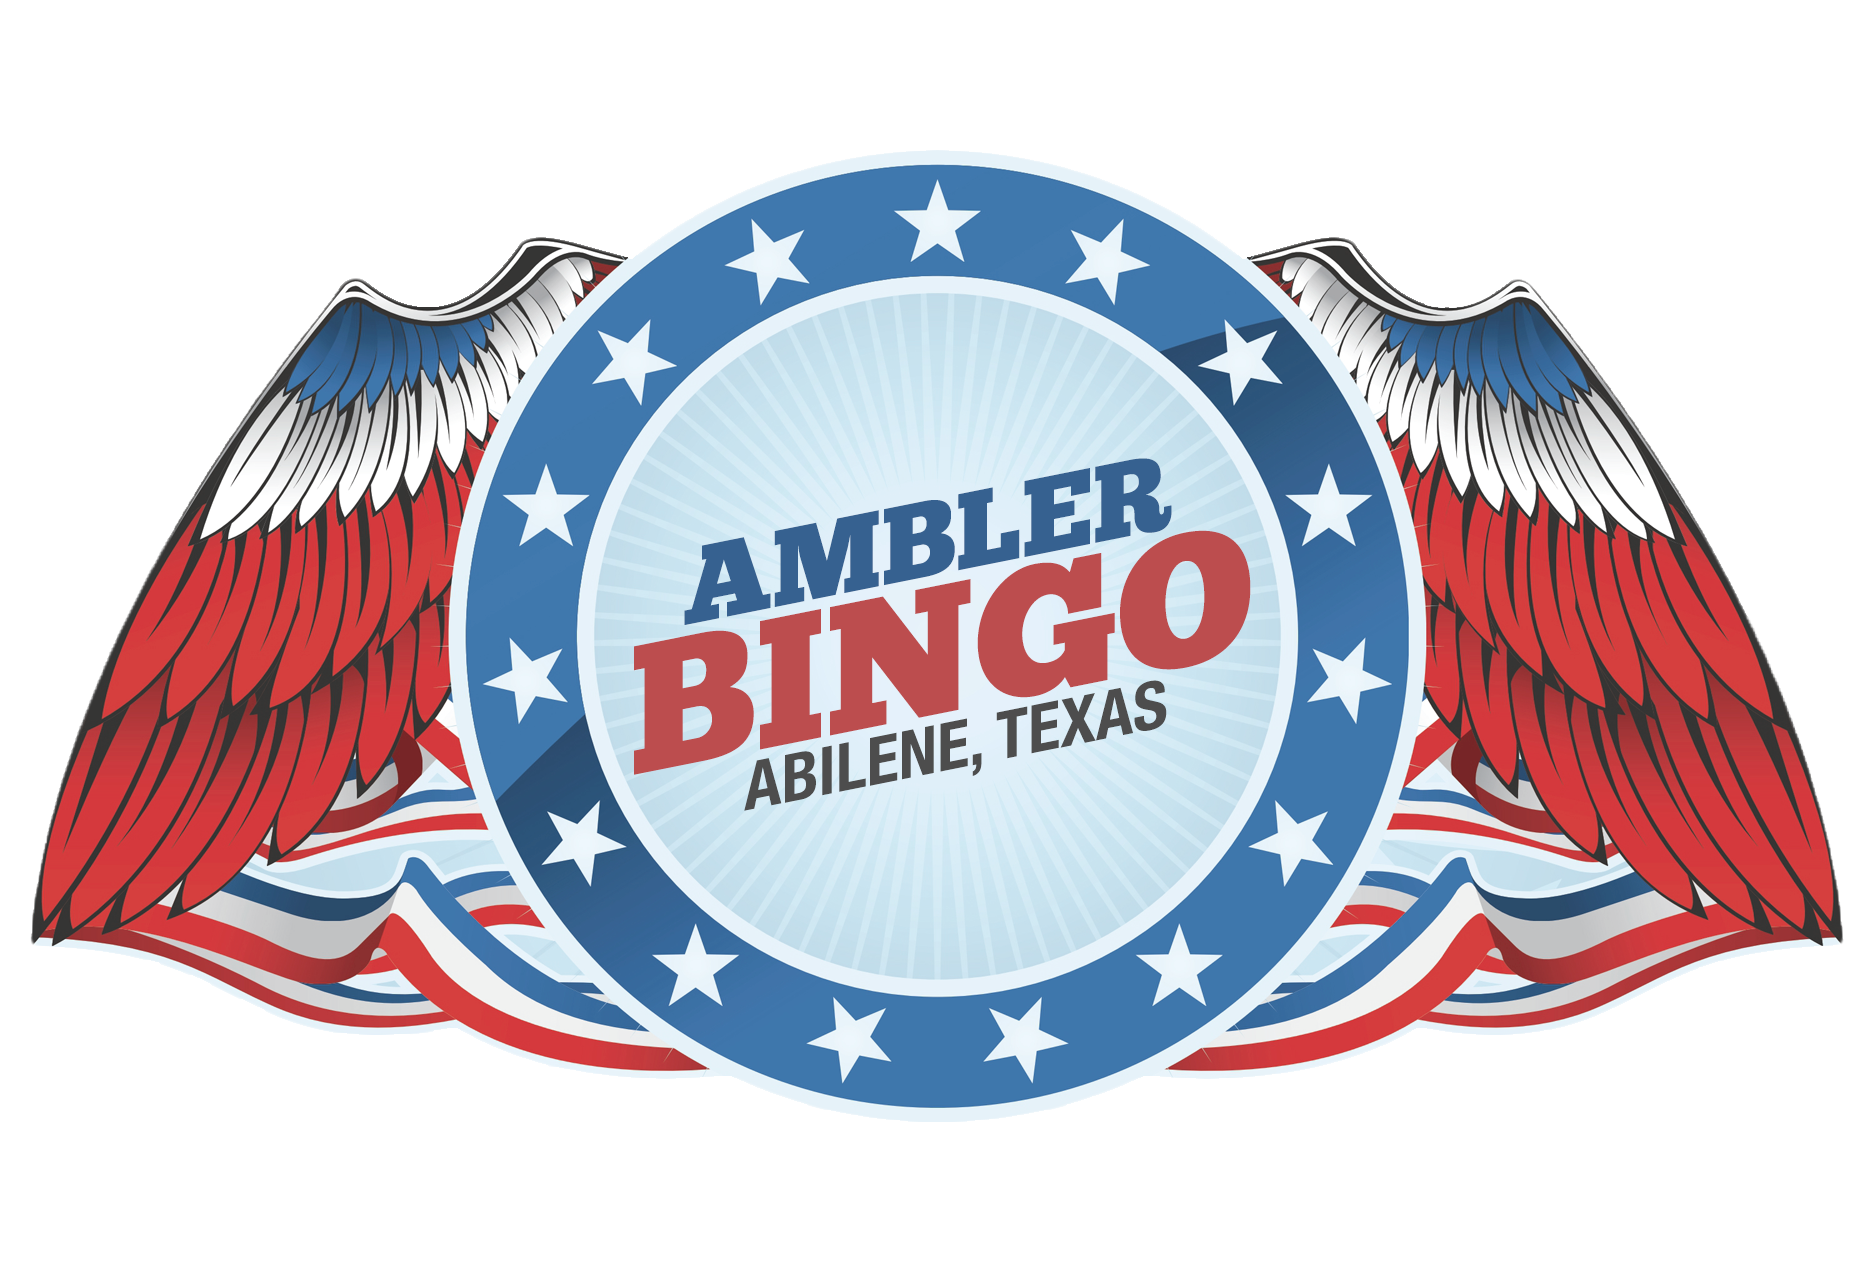 Ambler Bingo